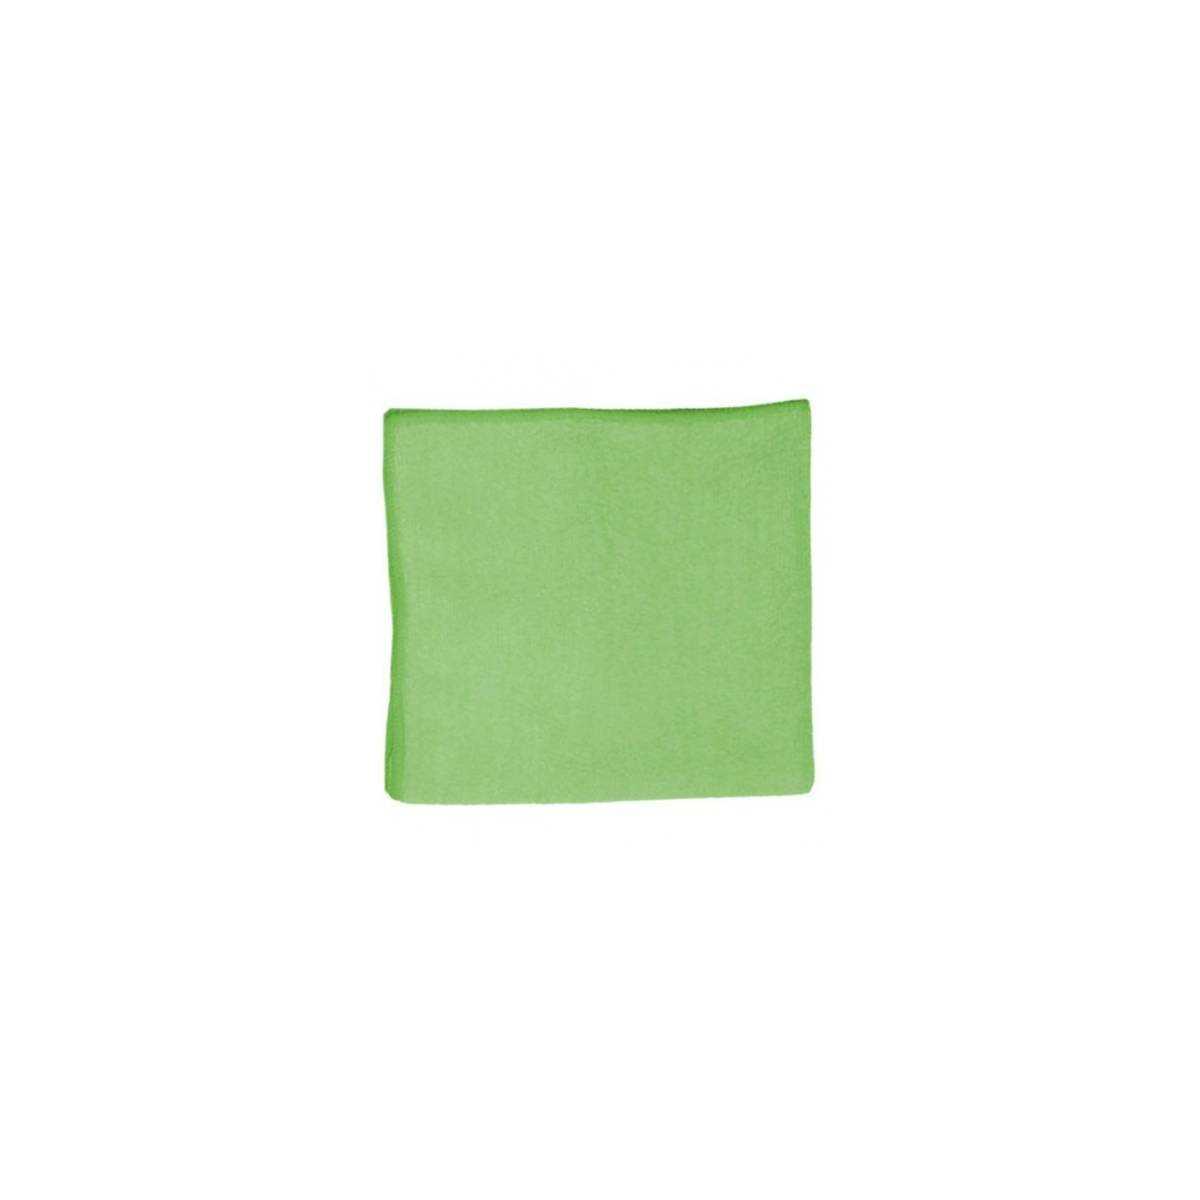 Салфетки для удаления пыли Multi-T 5шт. (Зеленые) TCH101040 TTS